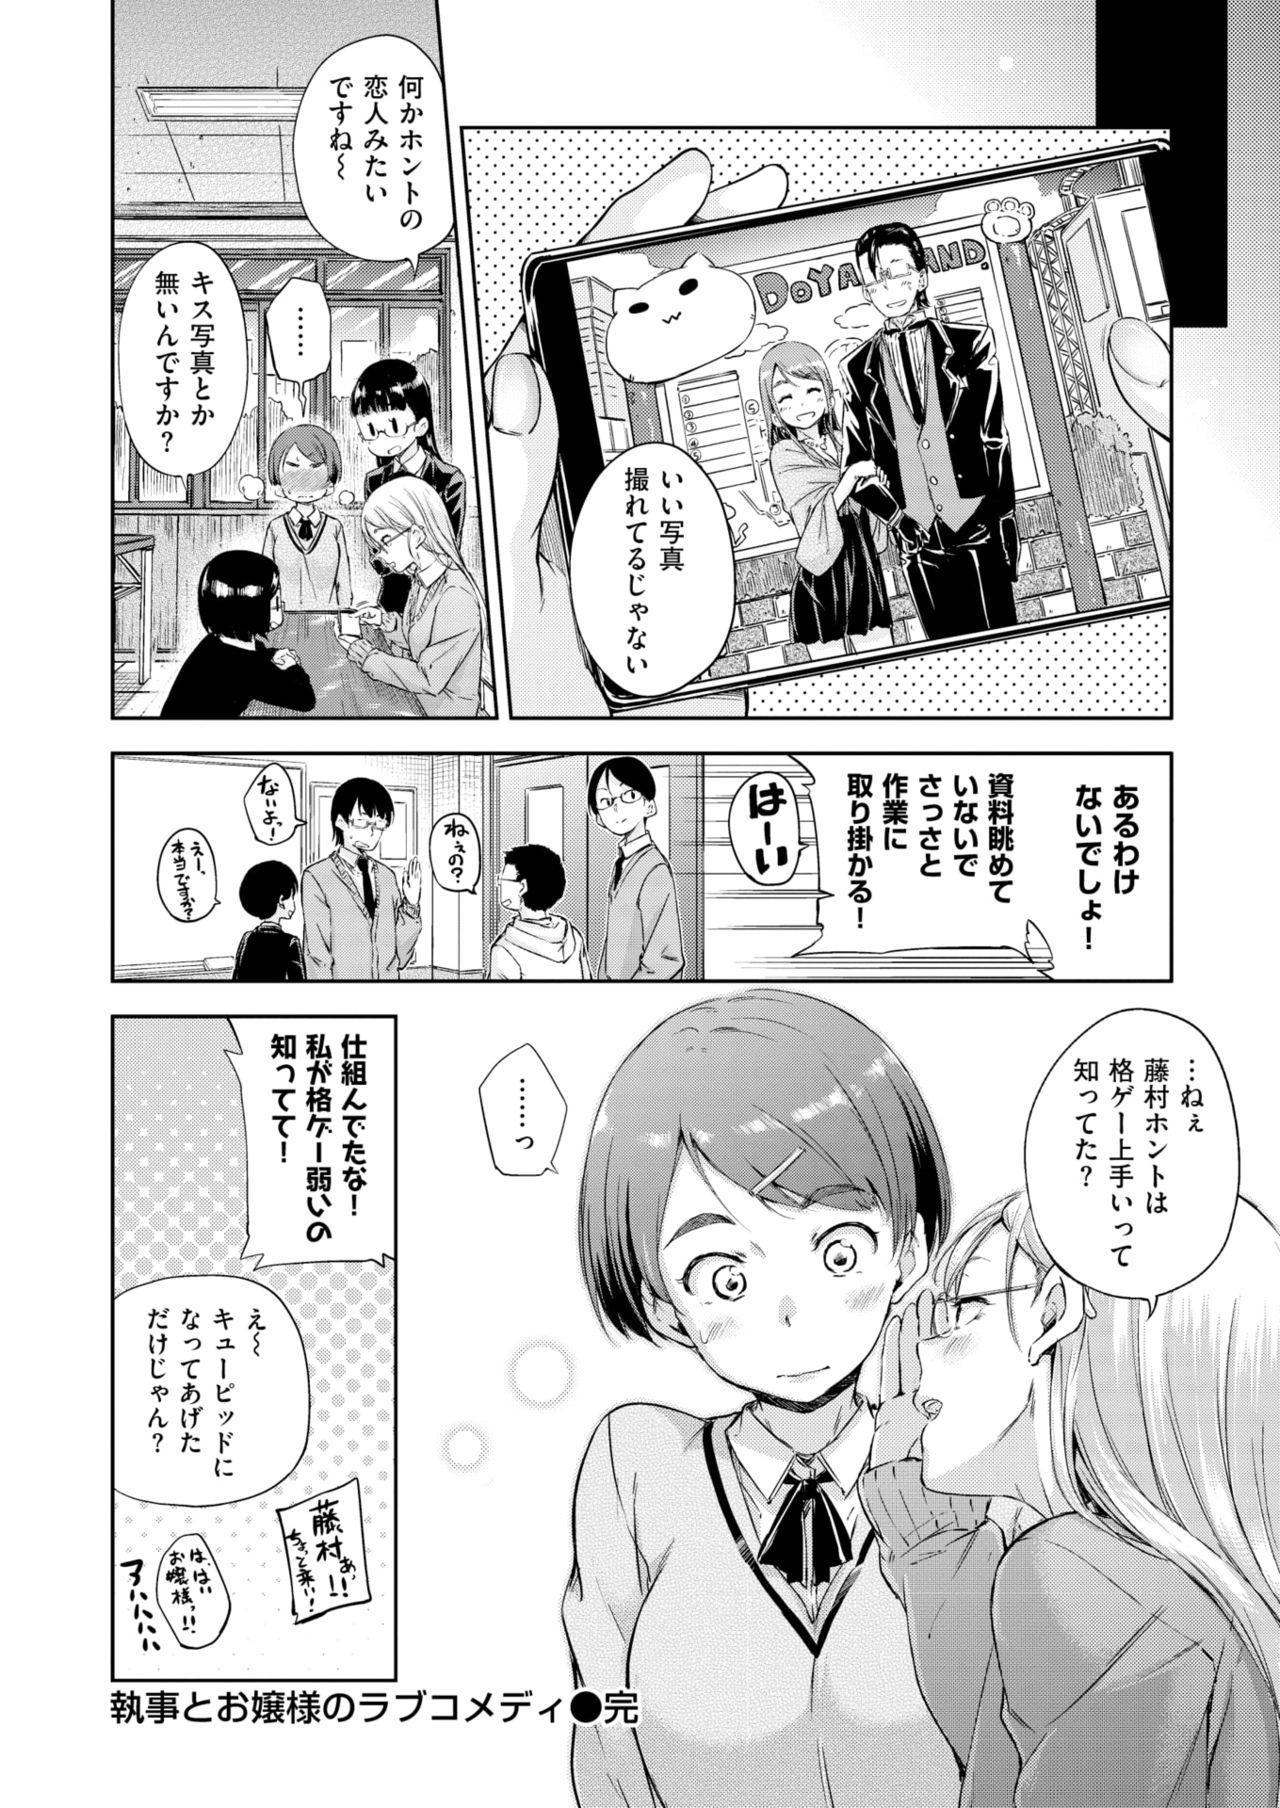 COMIC Kairakuten 25 Shuunen kinen tokubetsugou 409